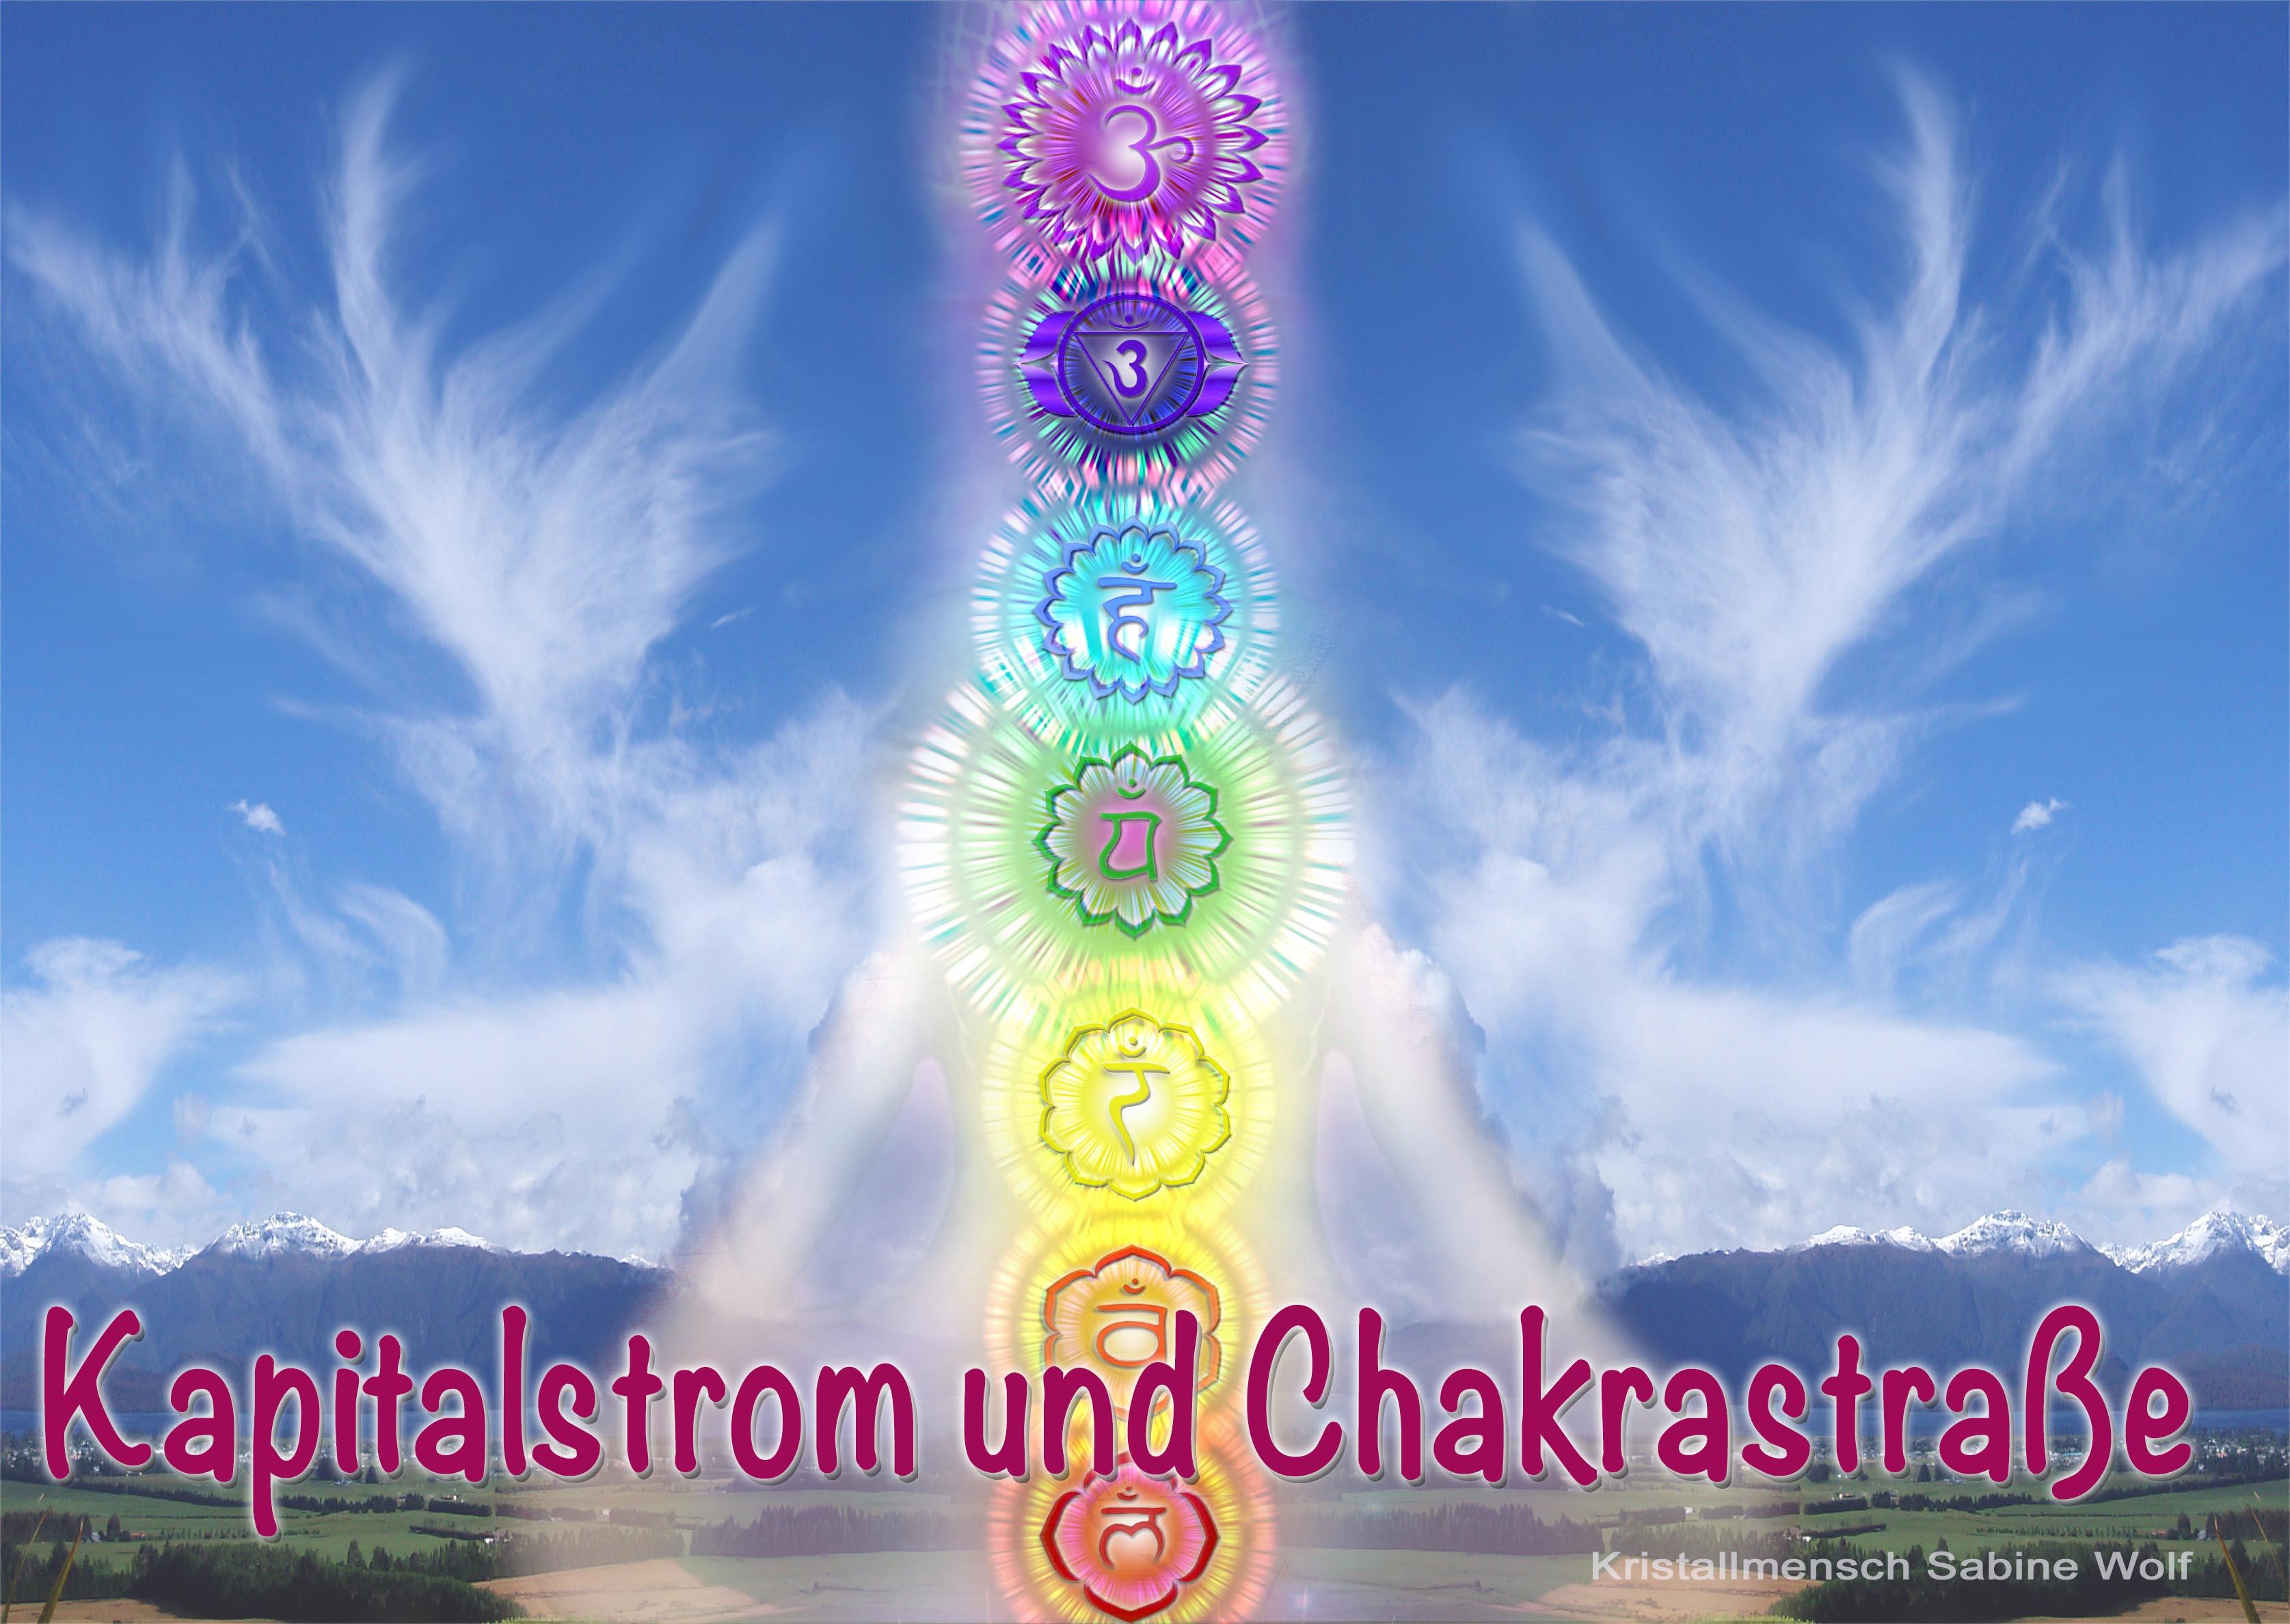 Kapitalstrom_und_Chakrastrasse_1